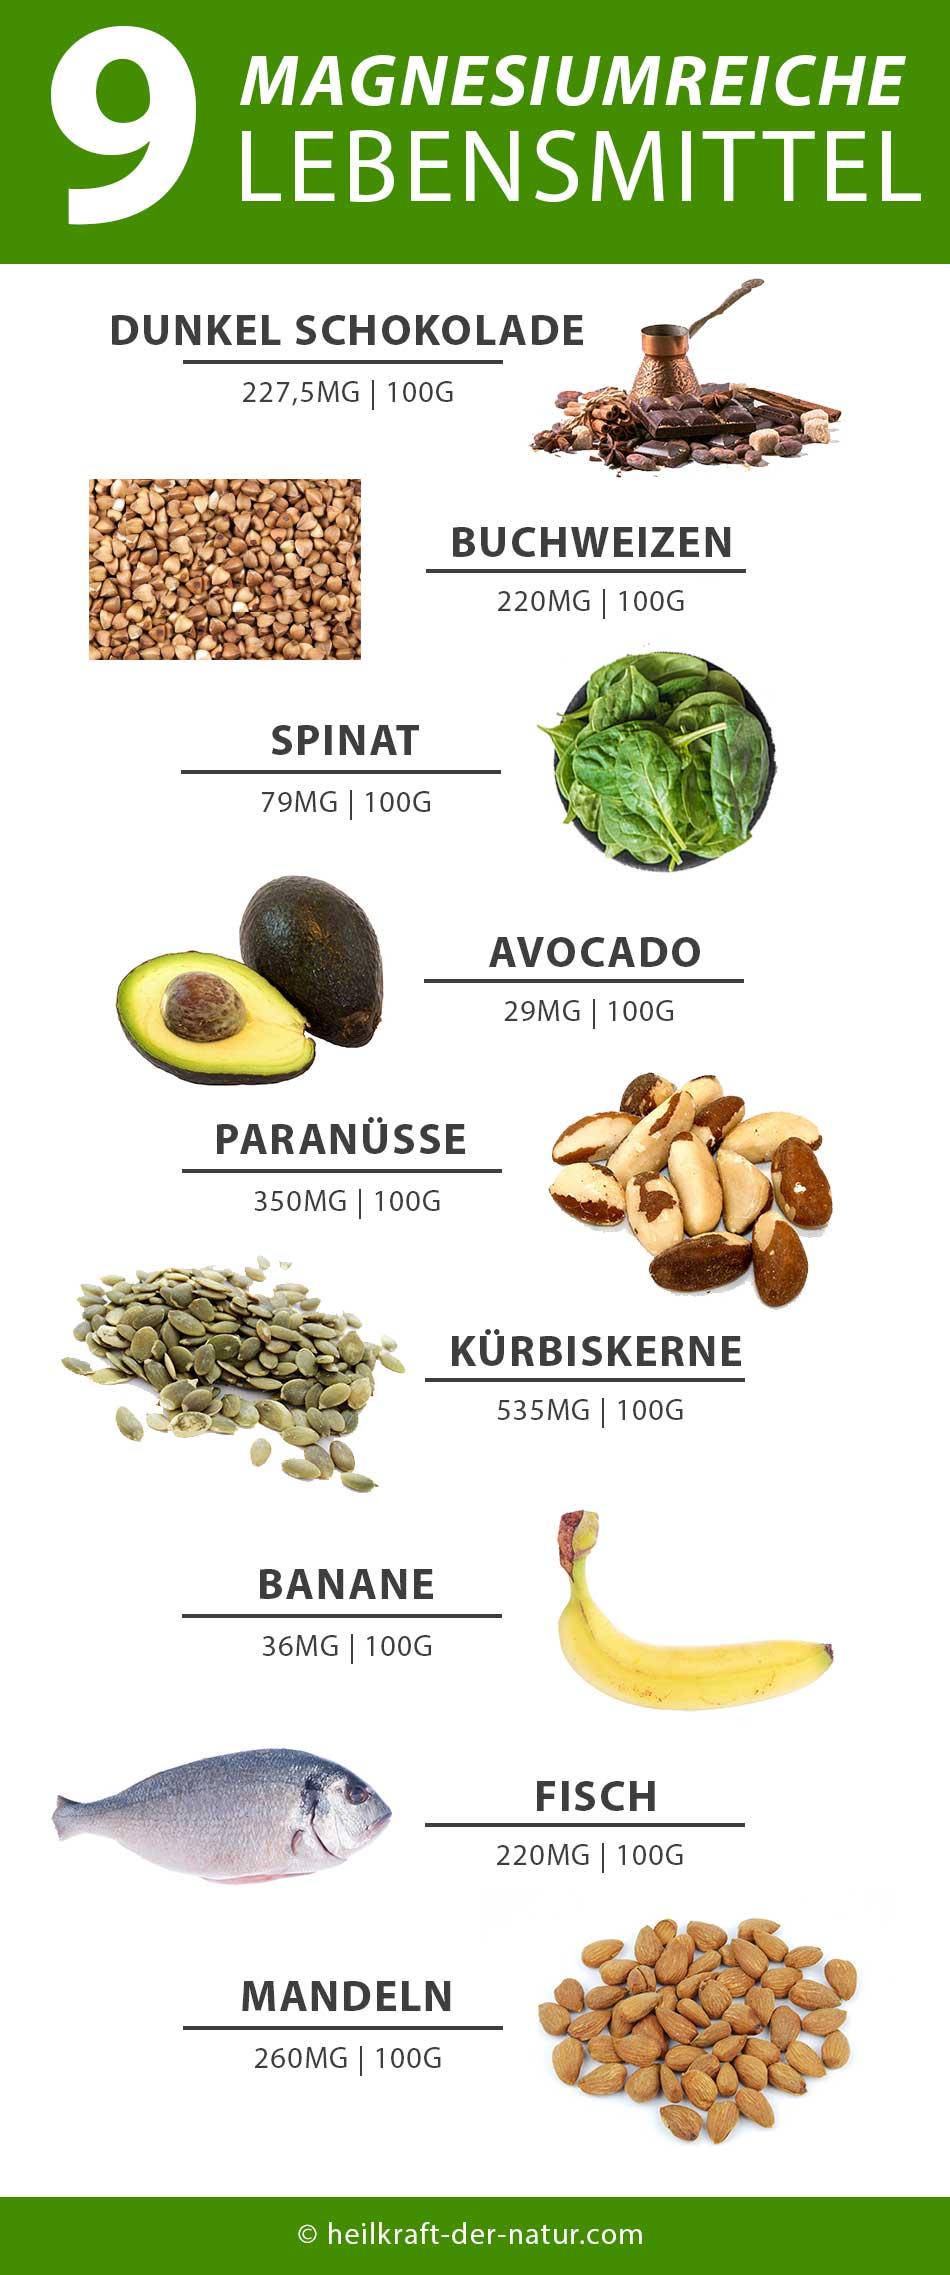 8 magnesiumreiche Lebensmittel für Ihre Gesundheit - Heilkraft der